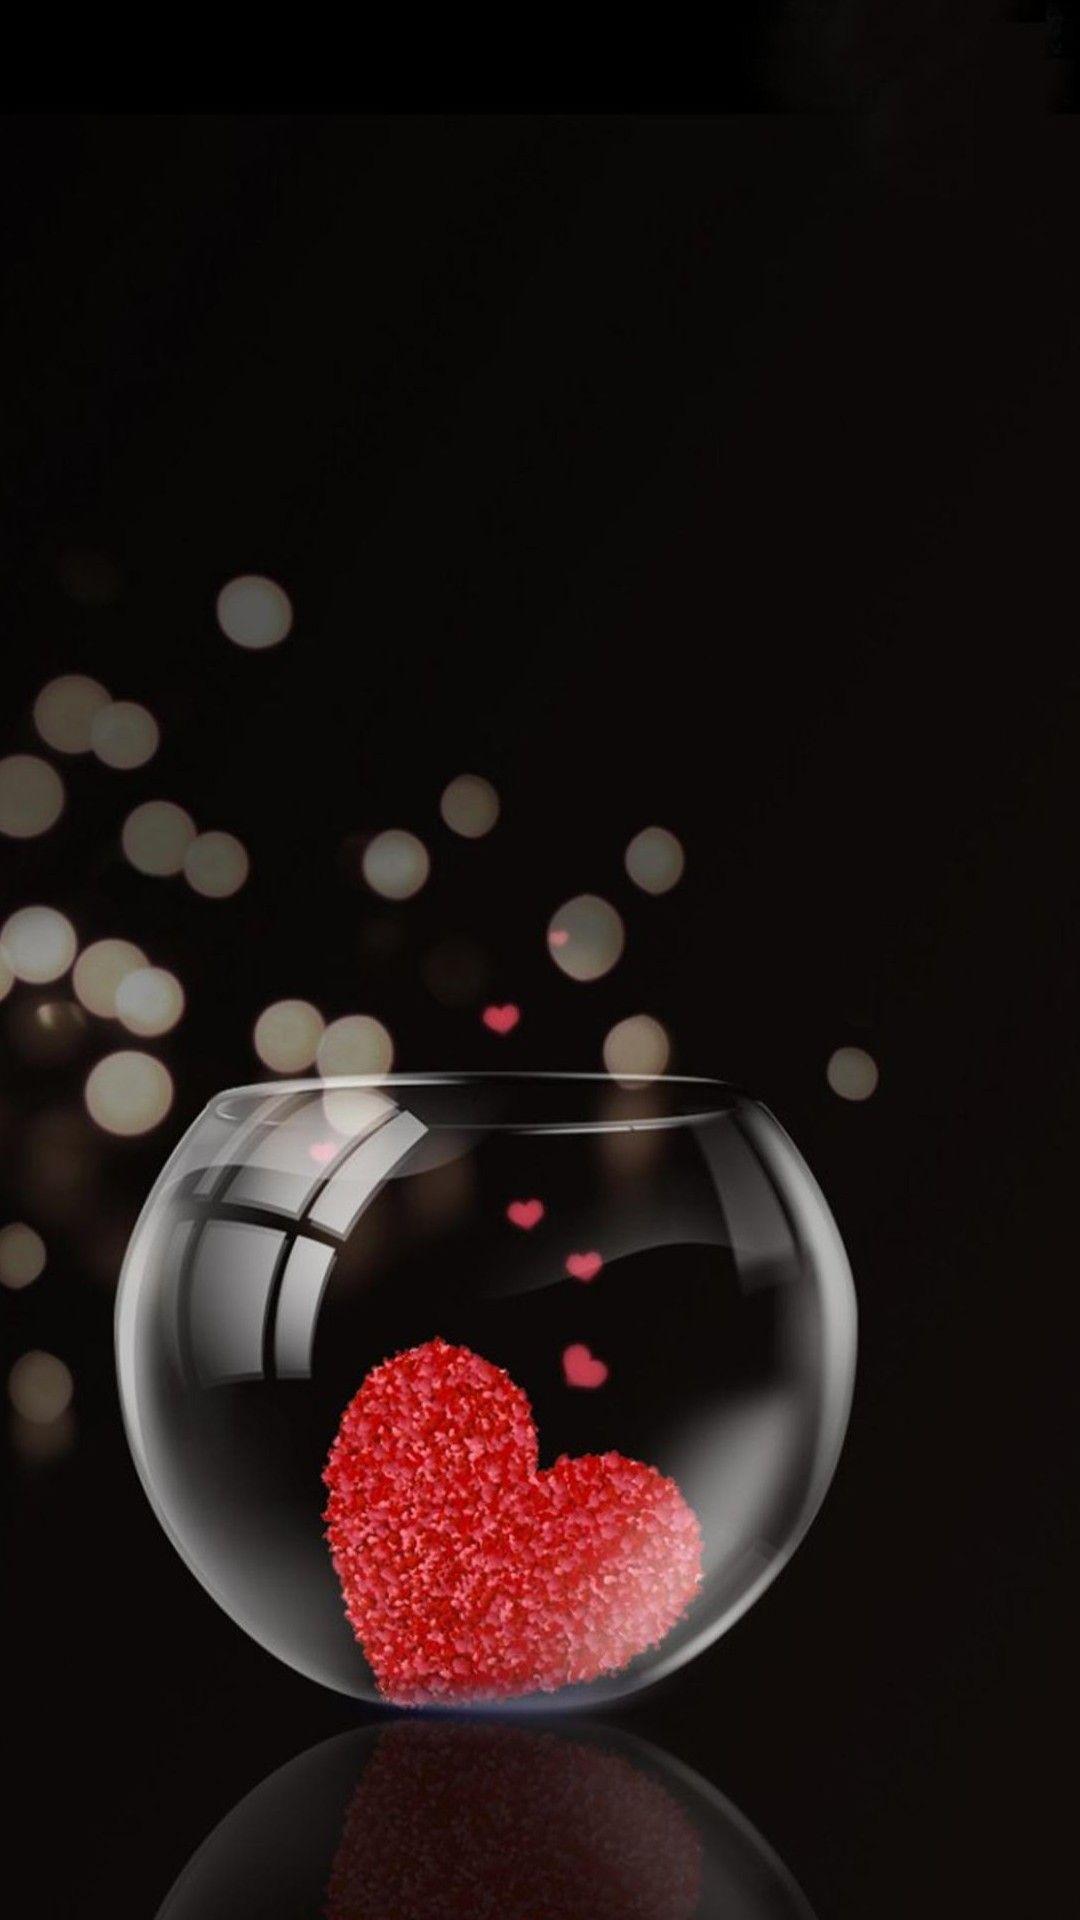 3D Love iPhone Wallpaper Love Love wallpaper Heart wallpaper 1080x1920